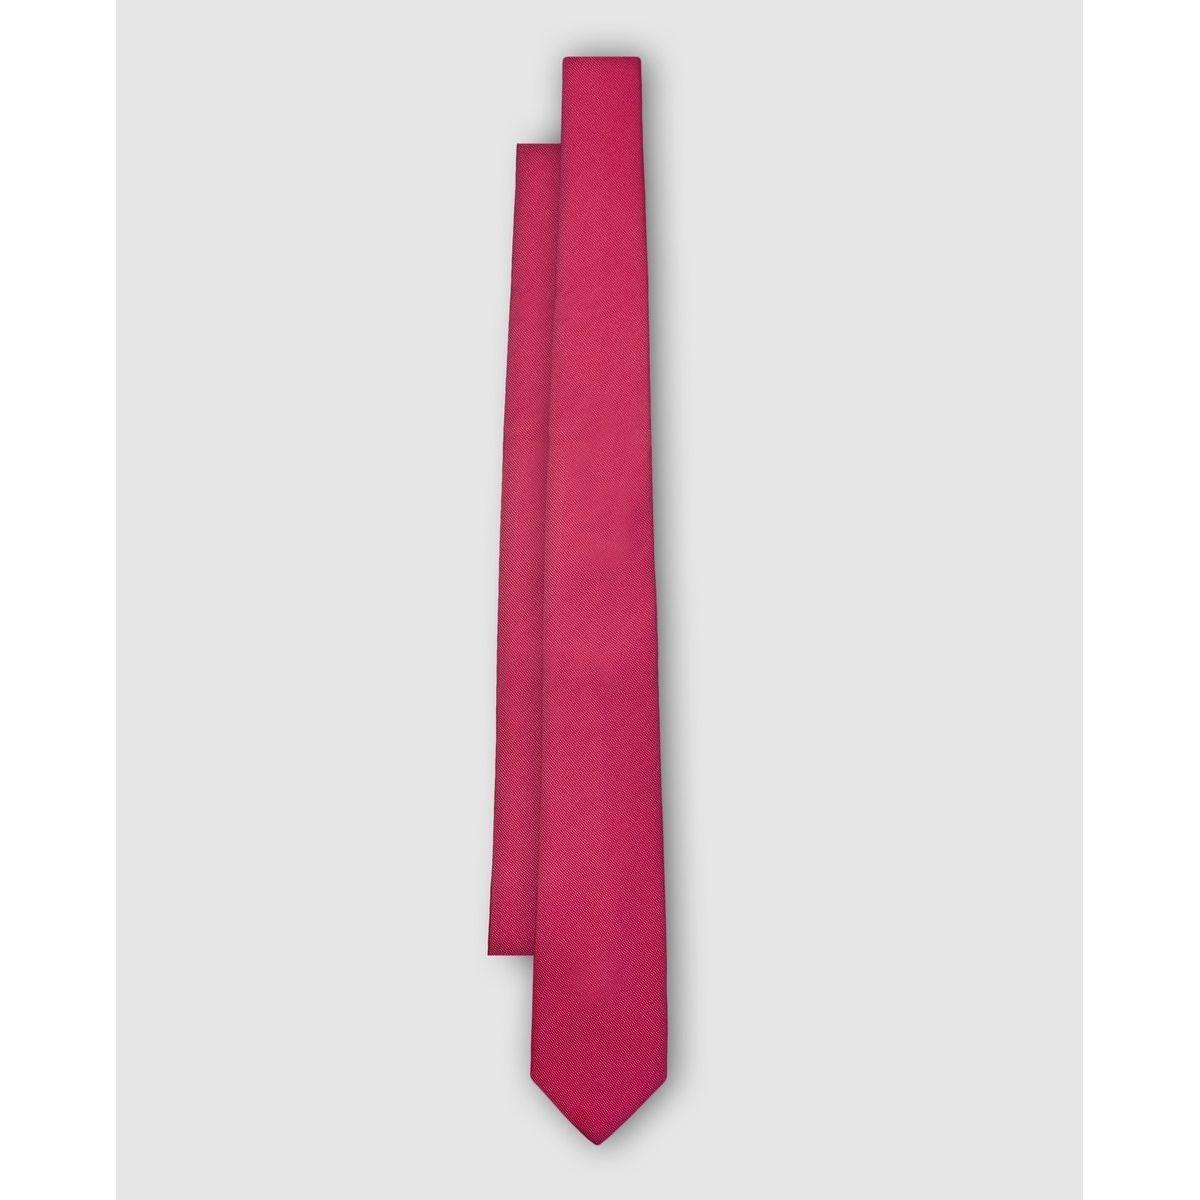 Cravate en soie naturelle . Fabriquée en Espagne.